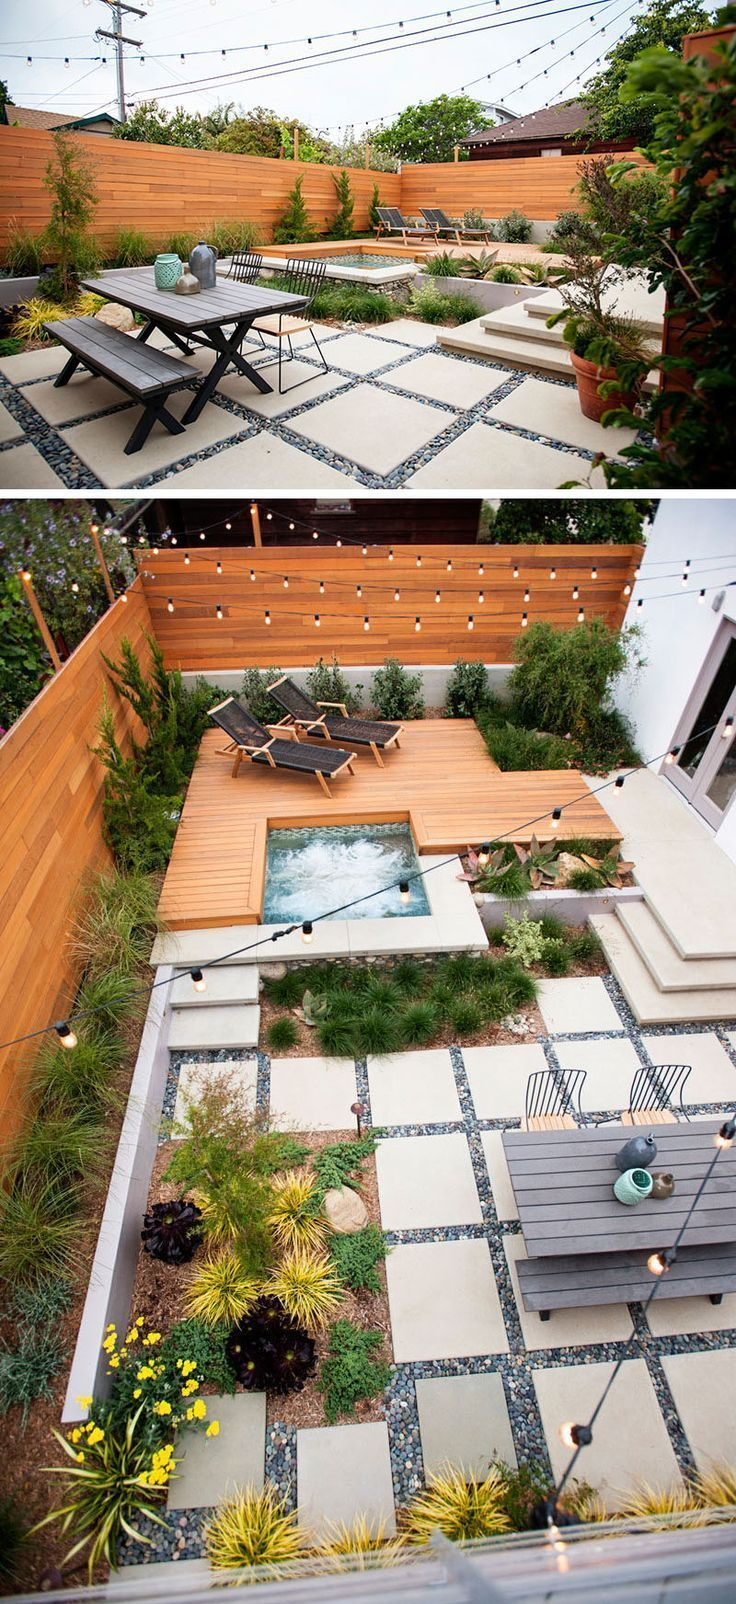 11 Awesome Backyard Design Ideas Beautiful Yard Inspiration